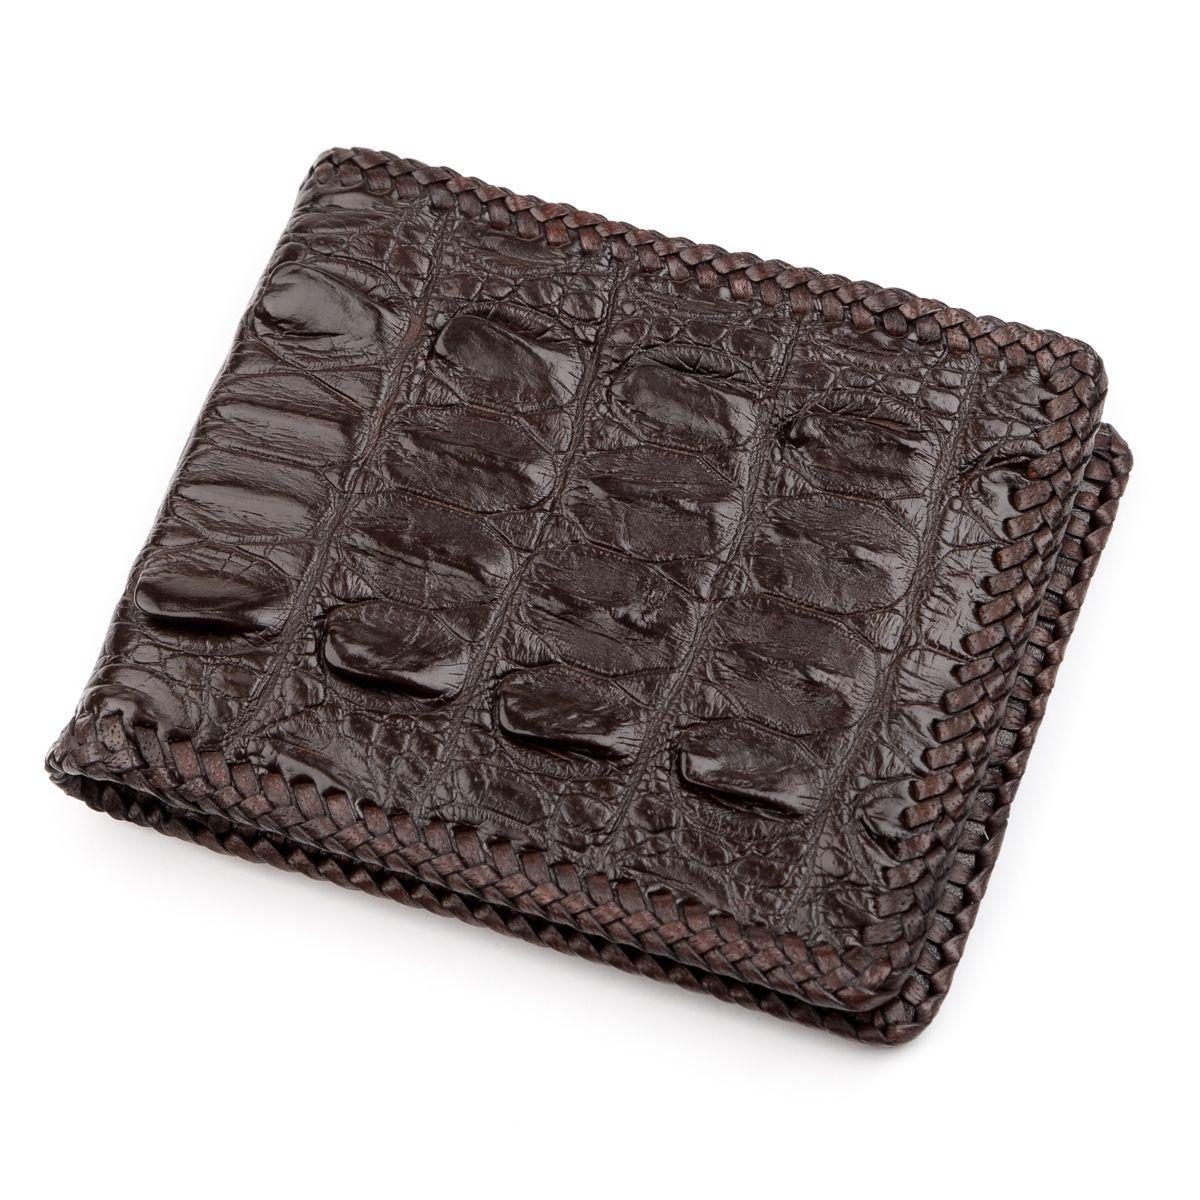 Портмоне из натуральной кожи крокодила Ekzotic Leather Коричневое (cw 73)